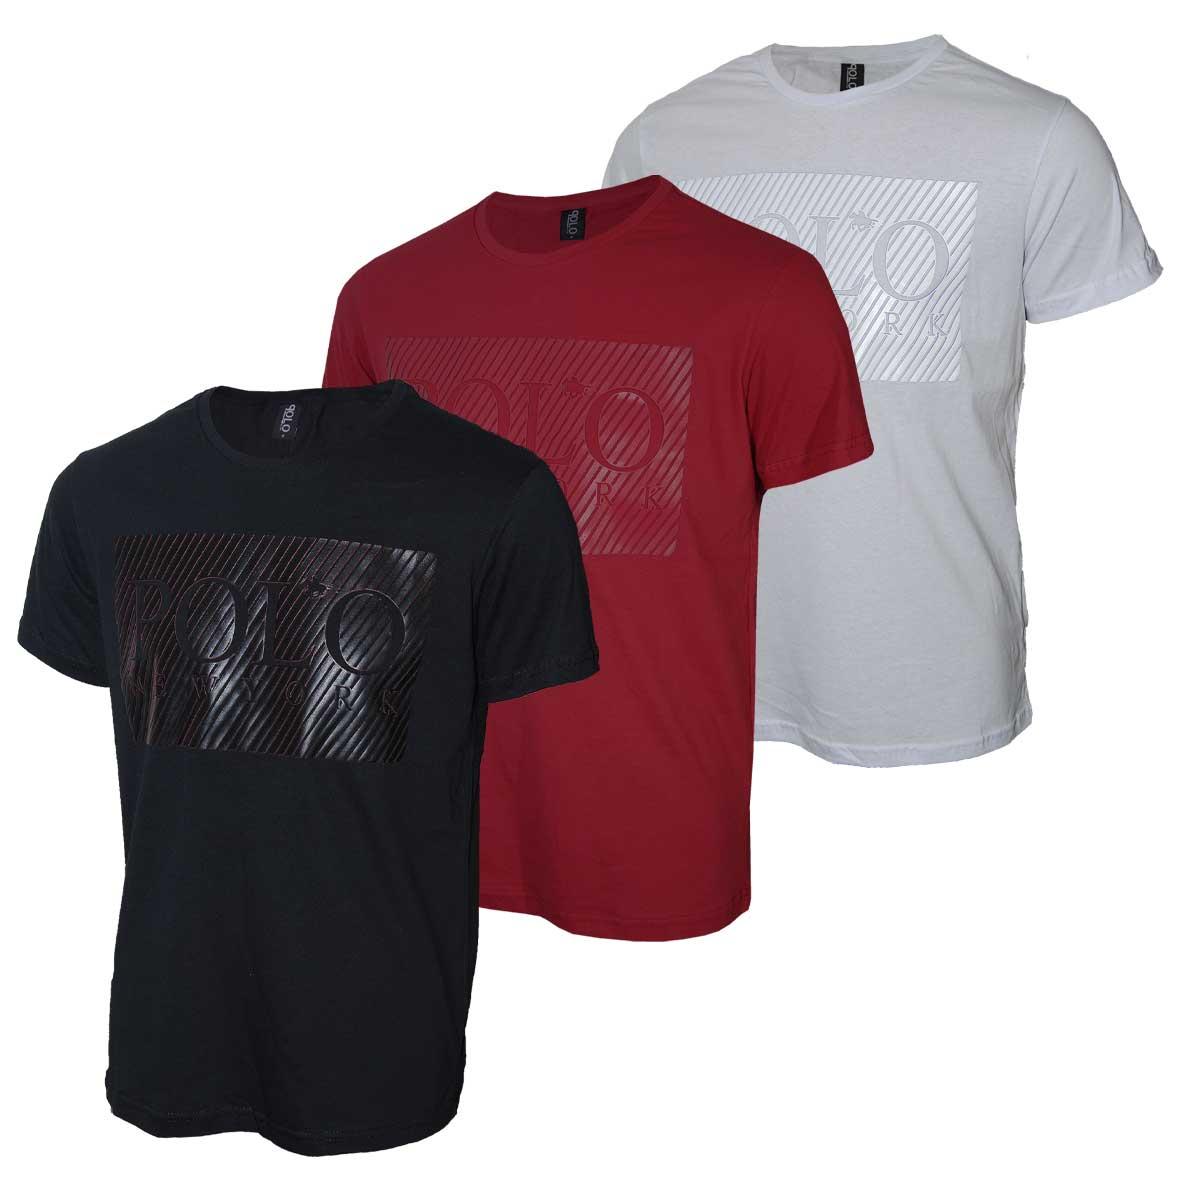 Kit Camiseta Polo Rg518 com Estampa Relevo